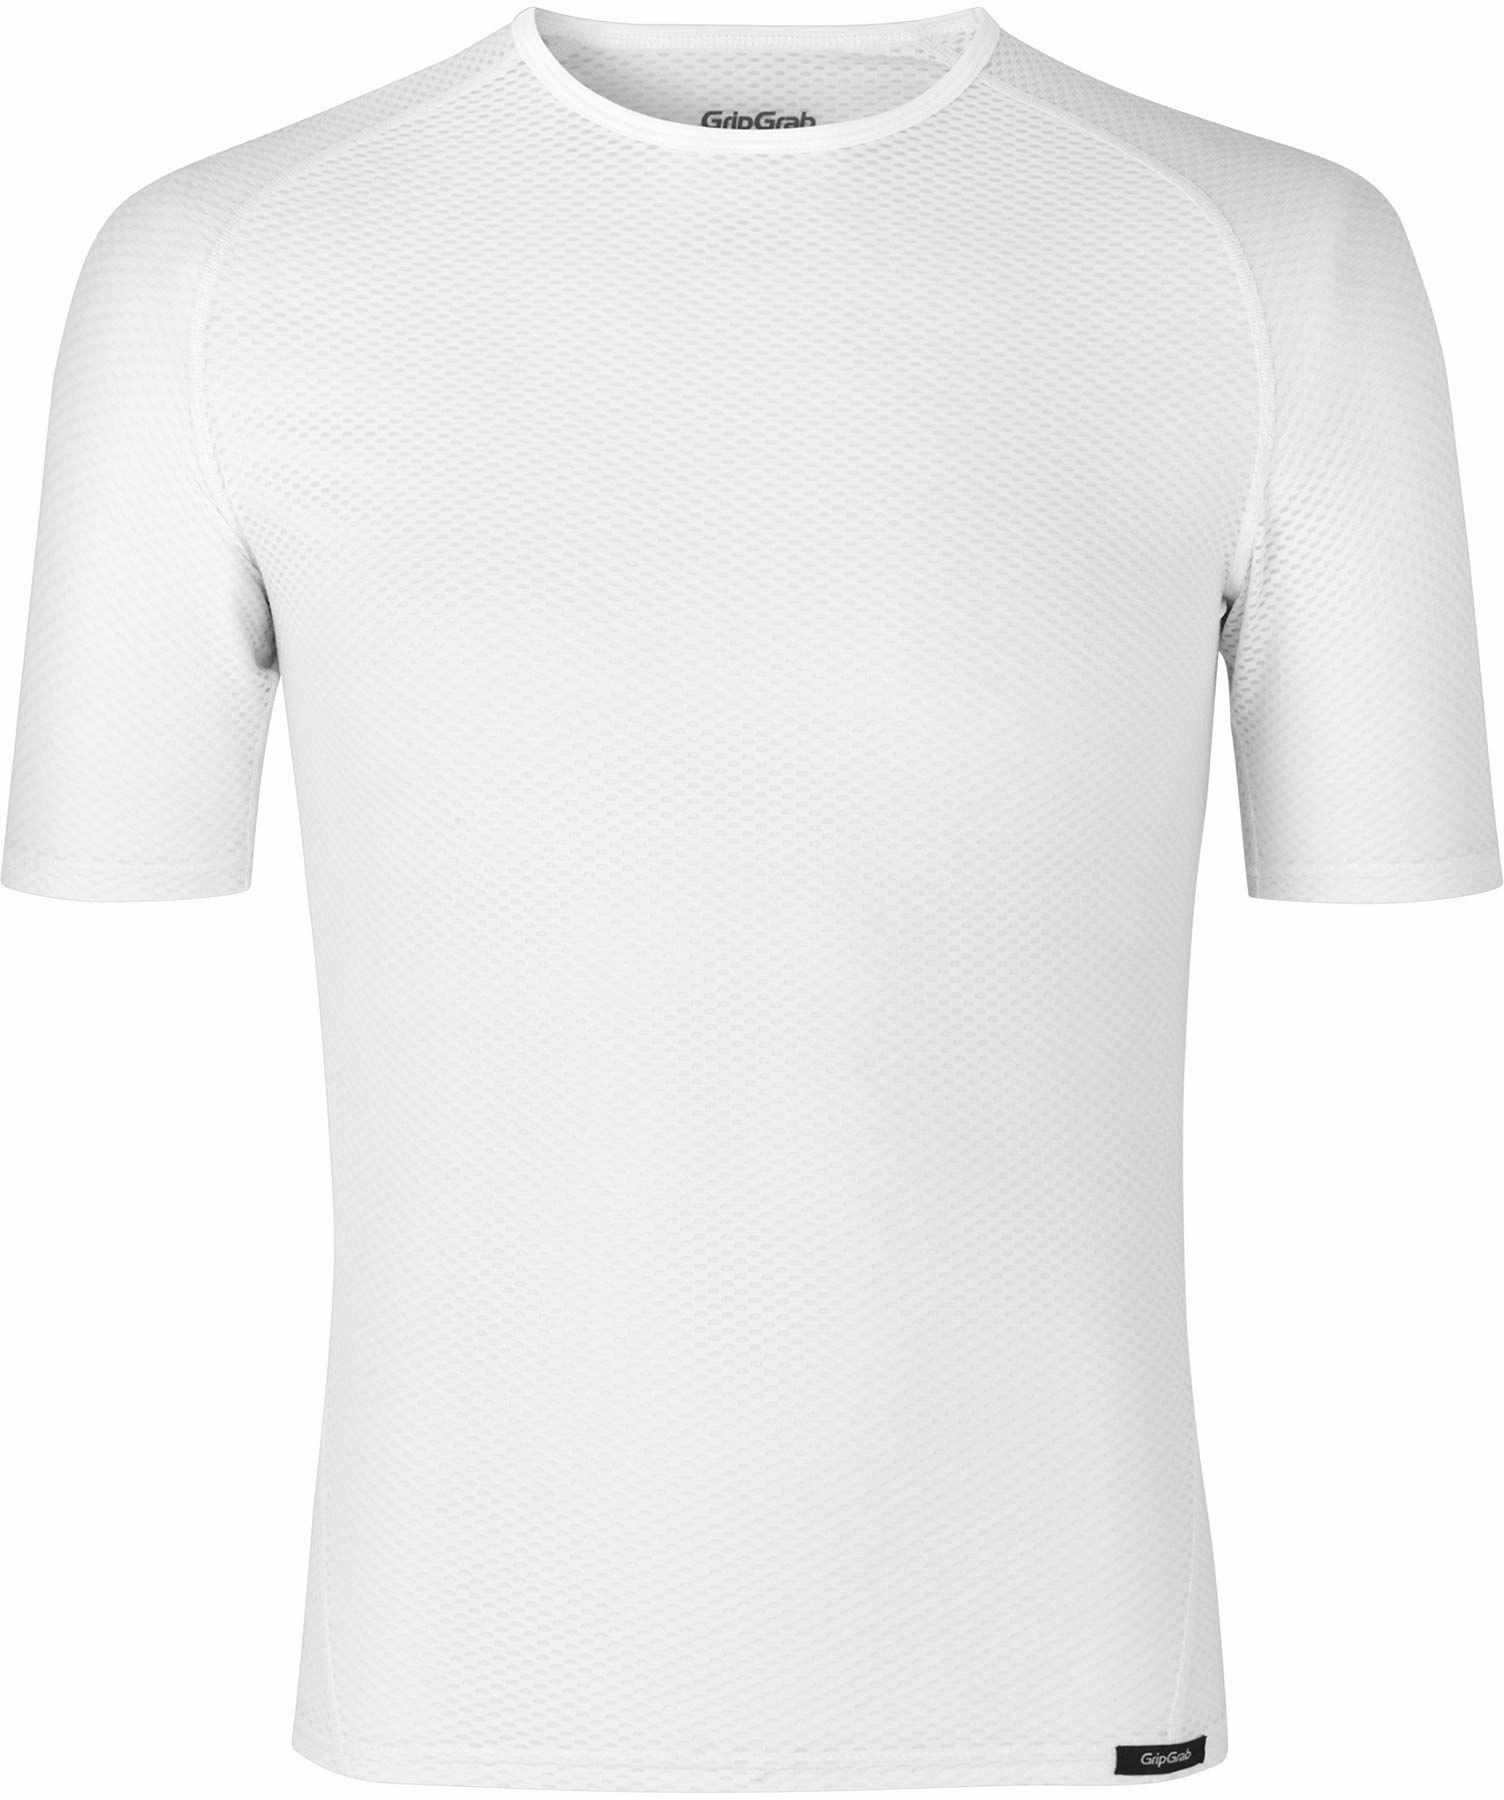 GripGrab Uniseks  ultralekki podkoszulek dla dorosłych, z krótkim rękawem, Cool Mesh, na lato, do jazdy na rowerze, kolor biały, XS